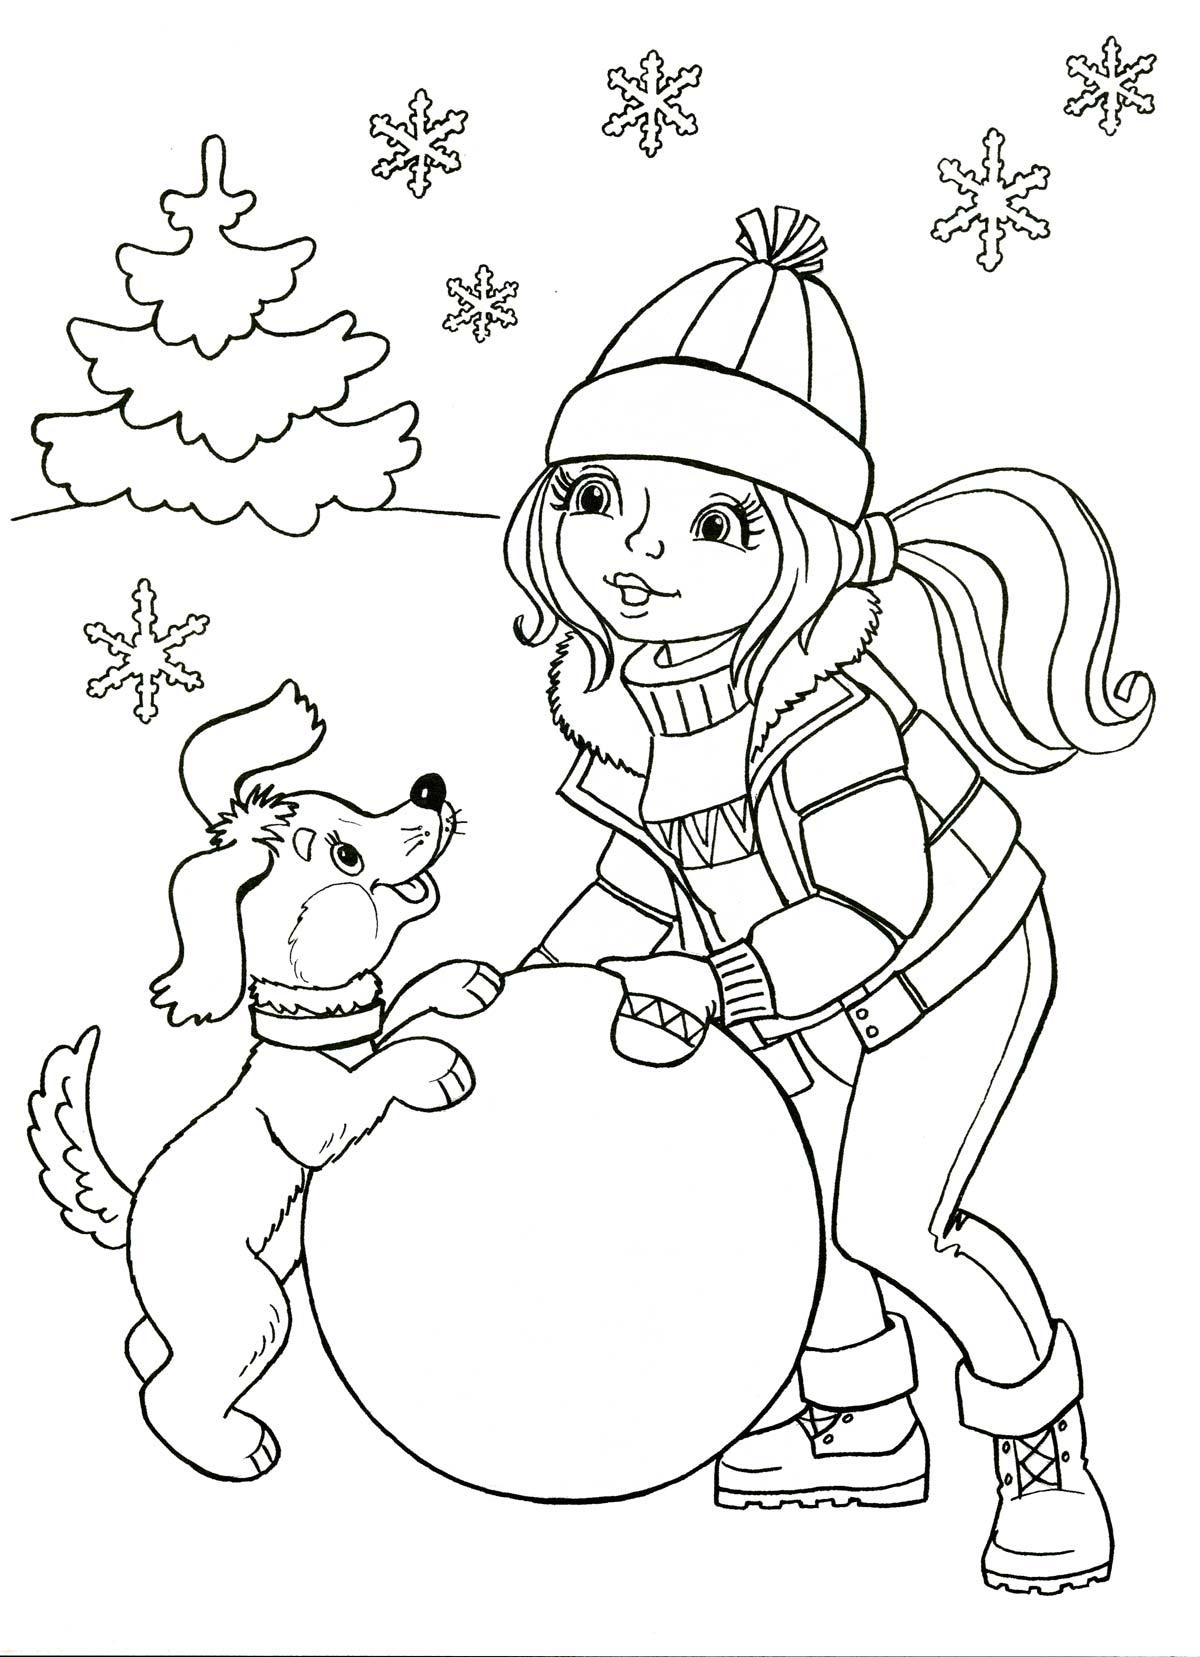 Пейзаж с елкой, девочка с собачкой Раскраска зима